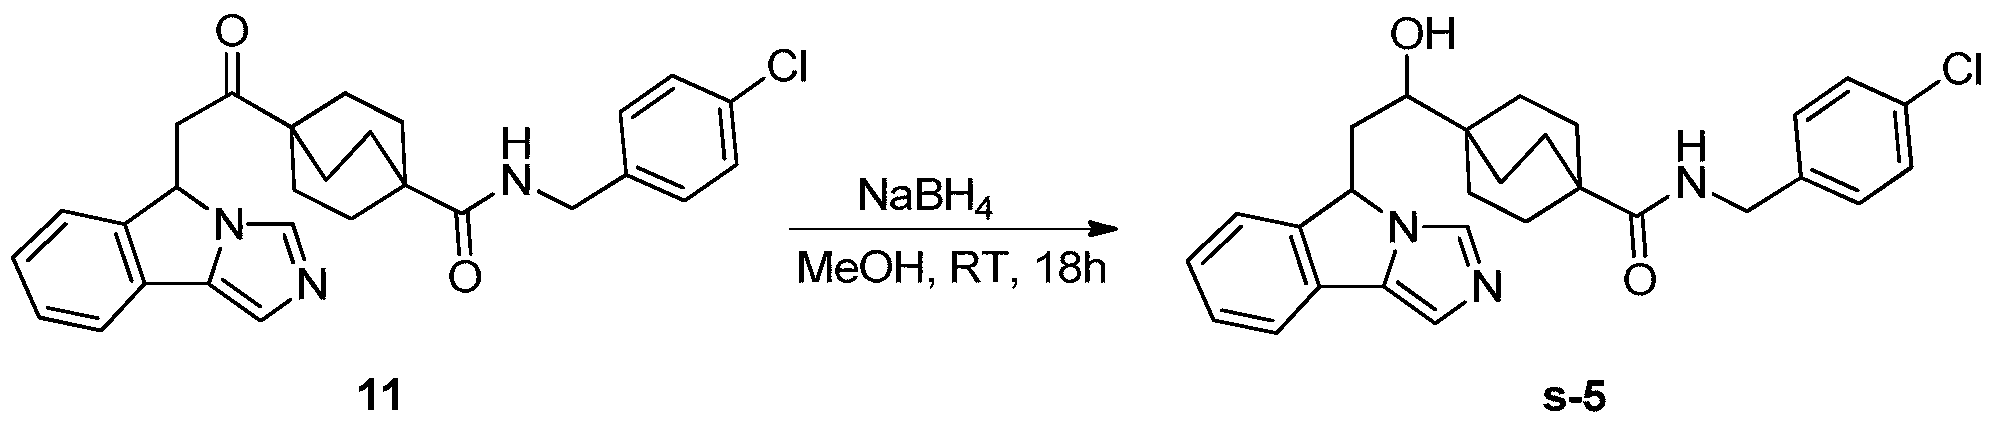 Figure PCTCN2017084604-appb-000286